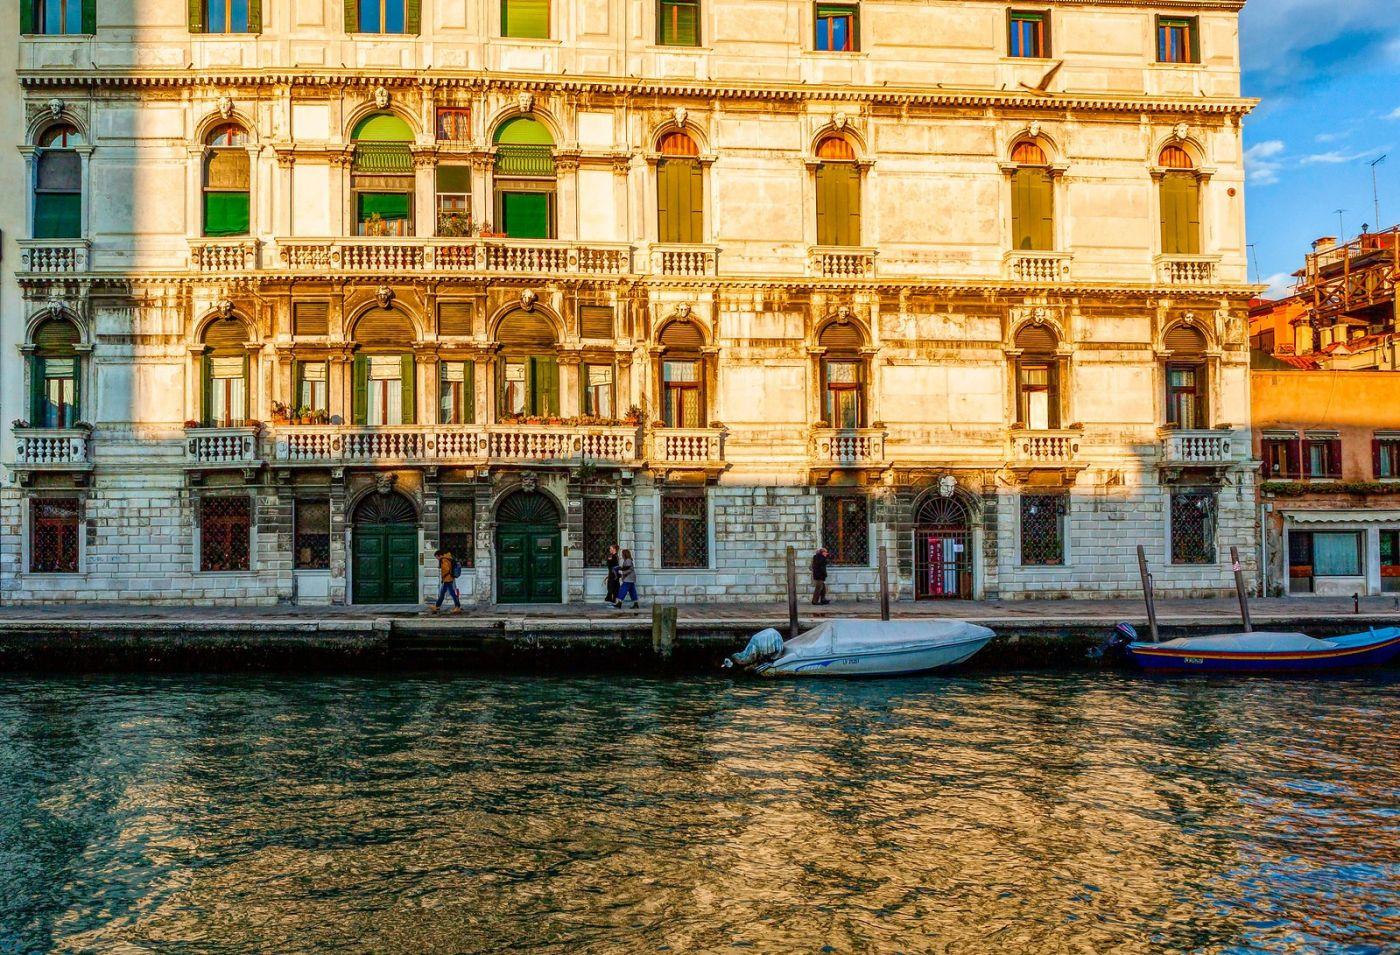 意大利威尼斯,水边建筑_图1-2